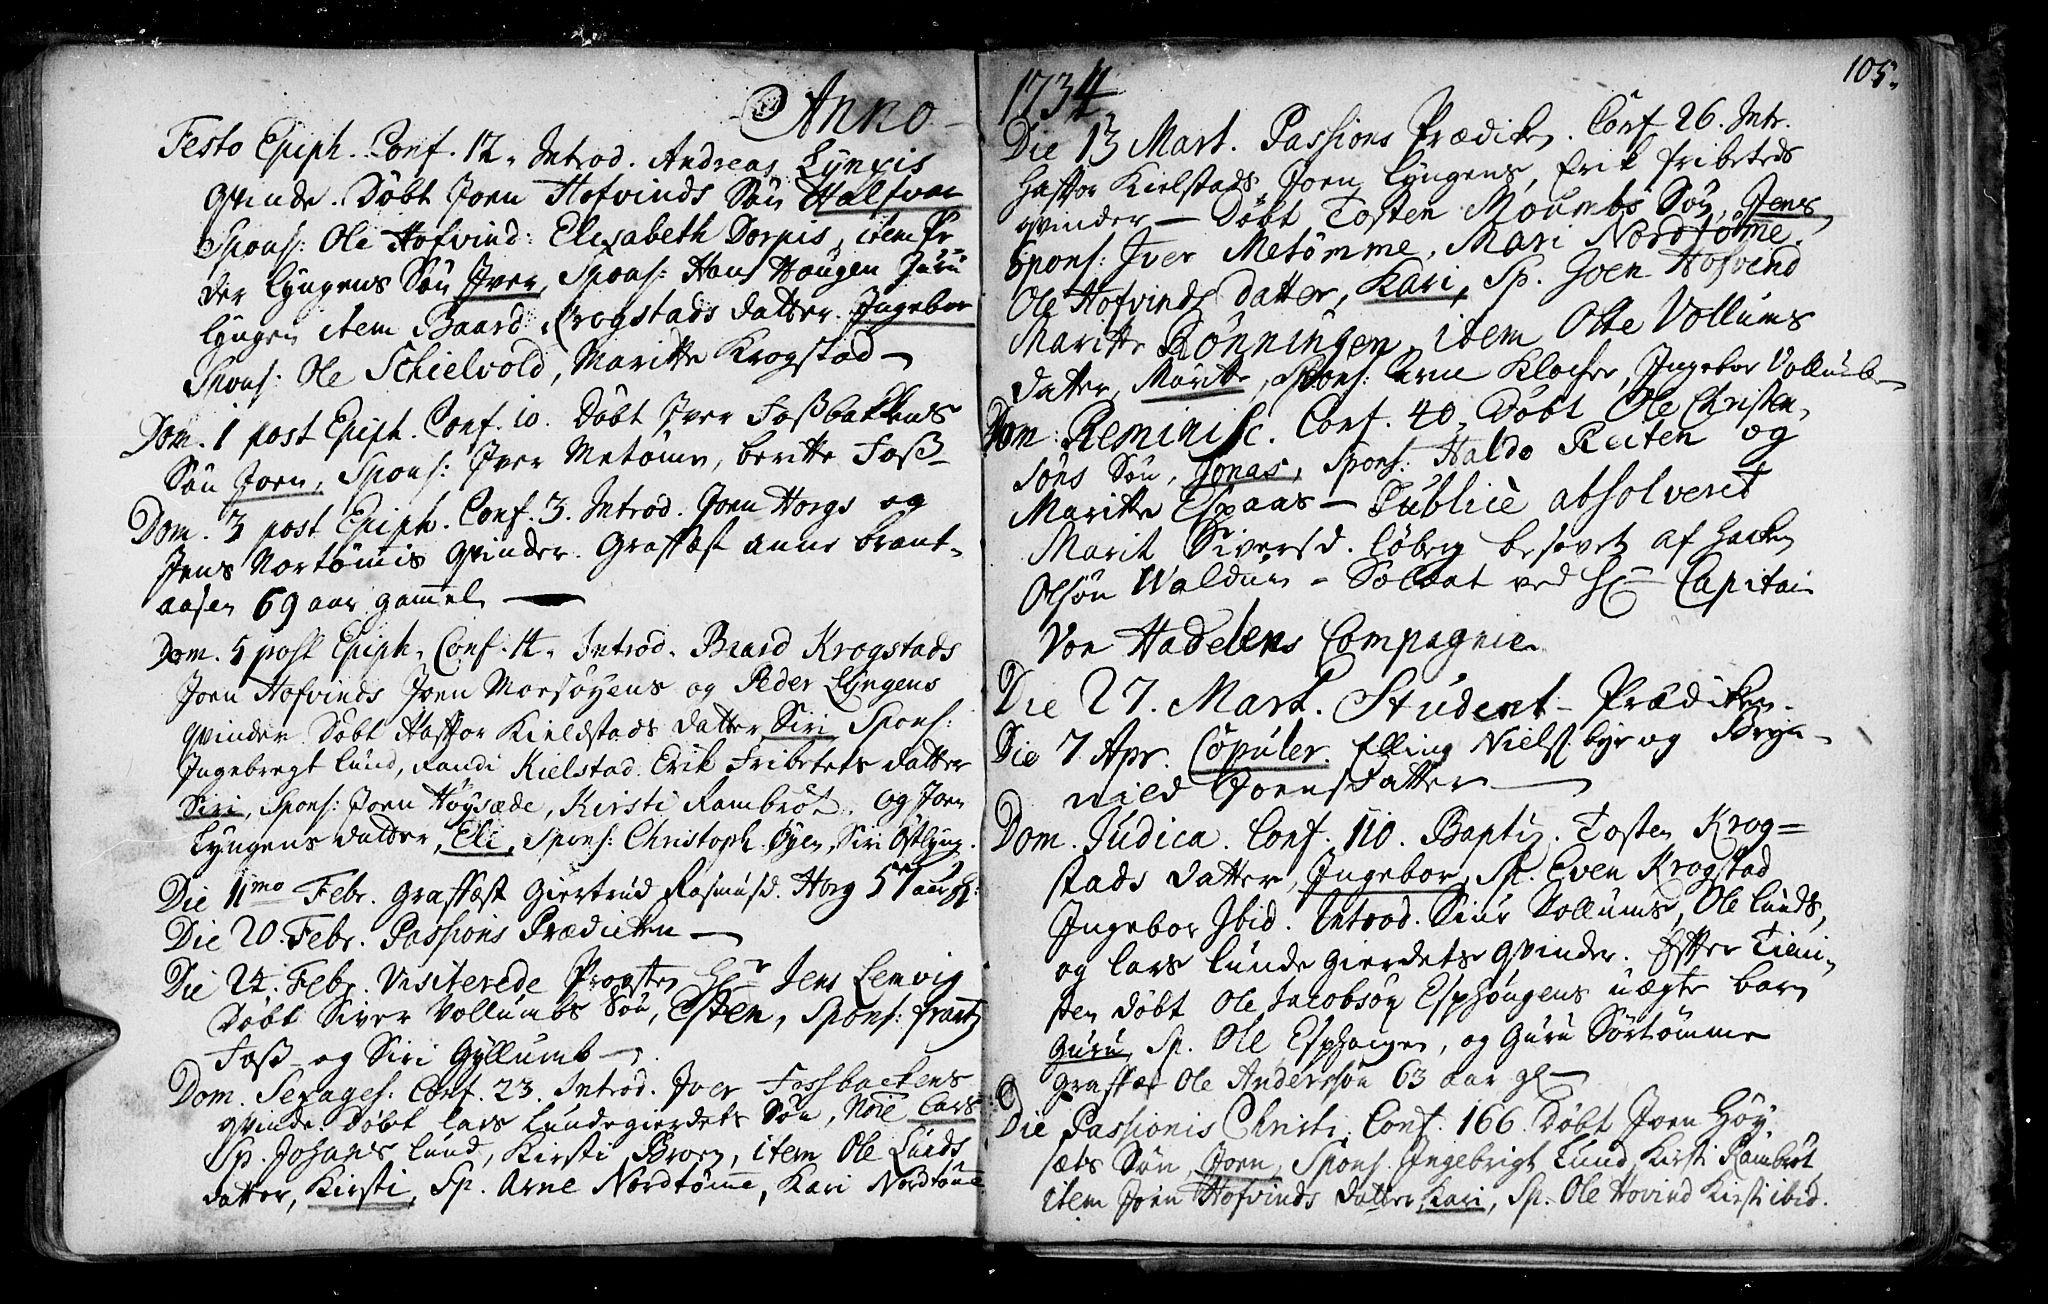 SAT, Ministerialprotokoller, klokkerbøker og fødselsregistre - Sør-Trøndelag, 692/L1101: Ministerialbok nr. 692A01, 1690-1746, s. 105